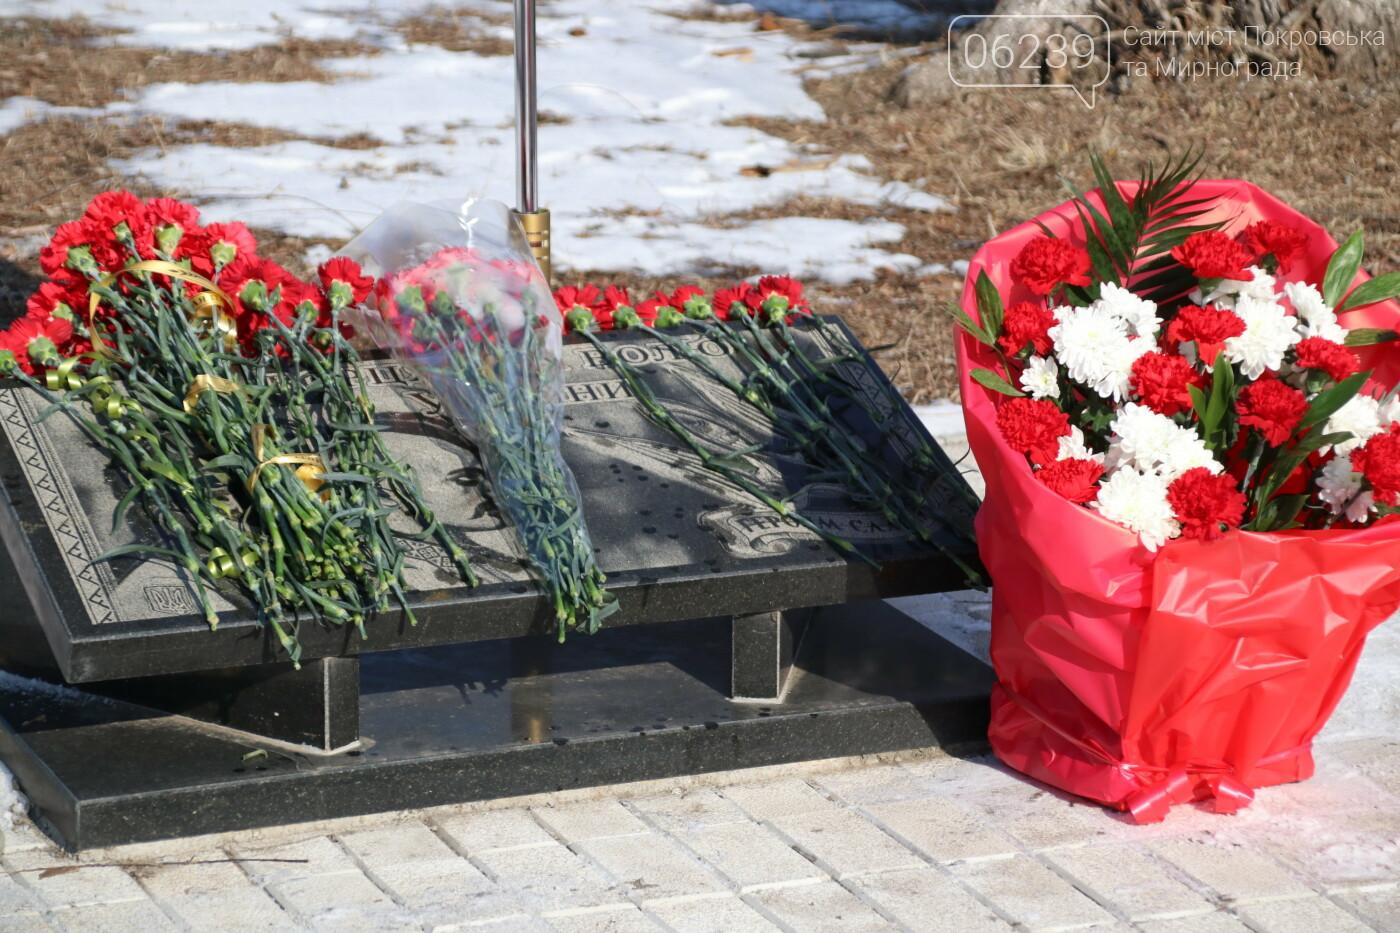 Жители Мирнограда почтили память Героев Небесной Сотни - детальный фотоотчёт , фото-5